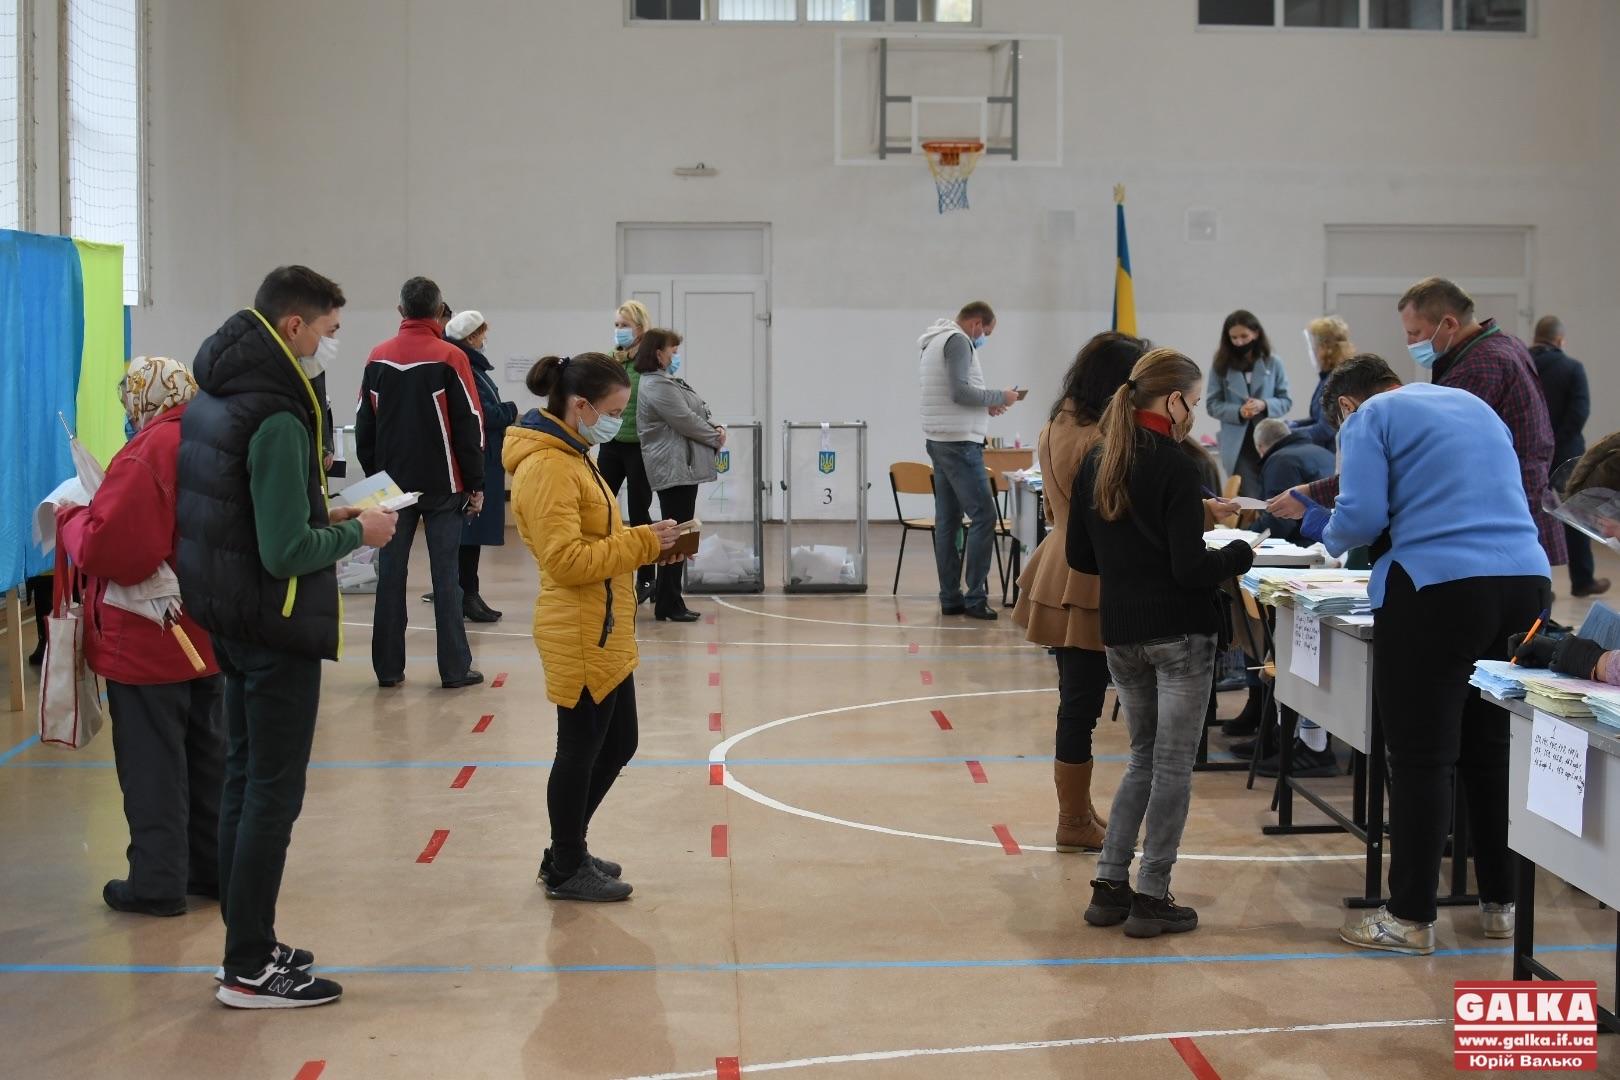 Після церкви – на дільницю: як голосують франківці у медколеджі на БАМі (ФОТОРЕПОРТАЖ)